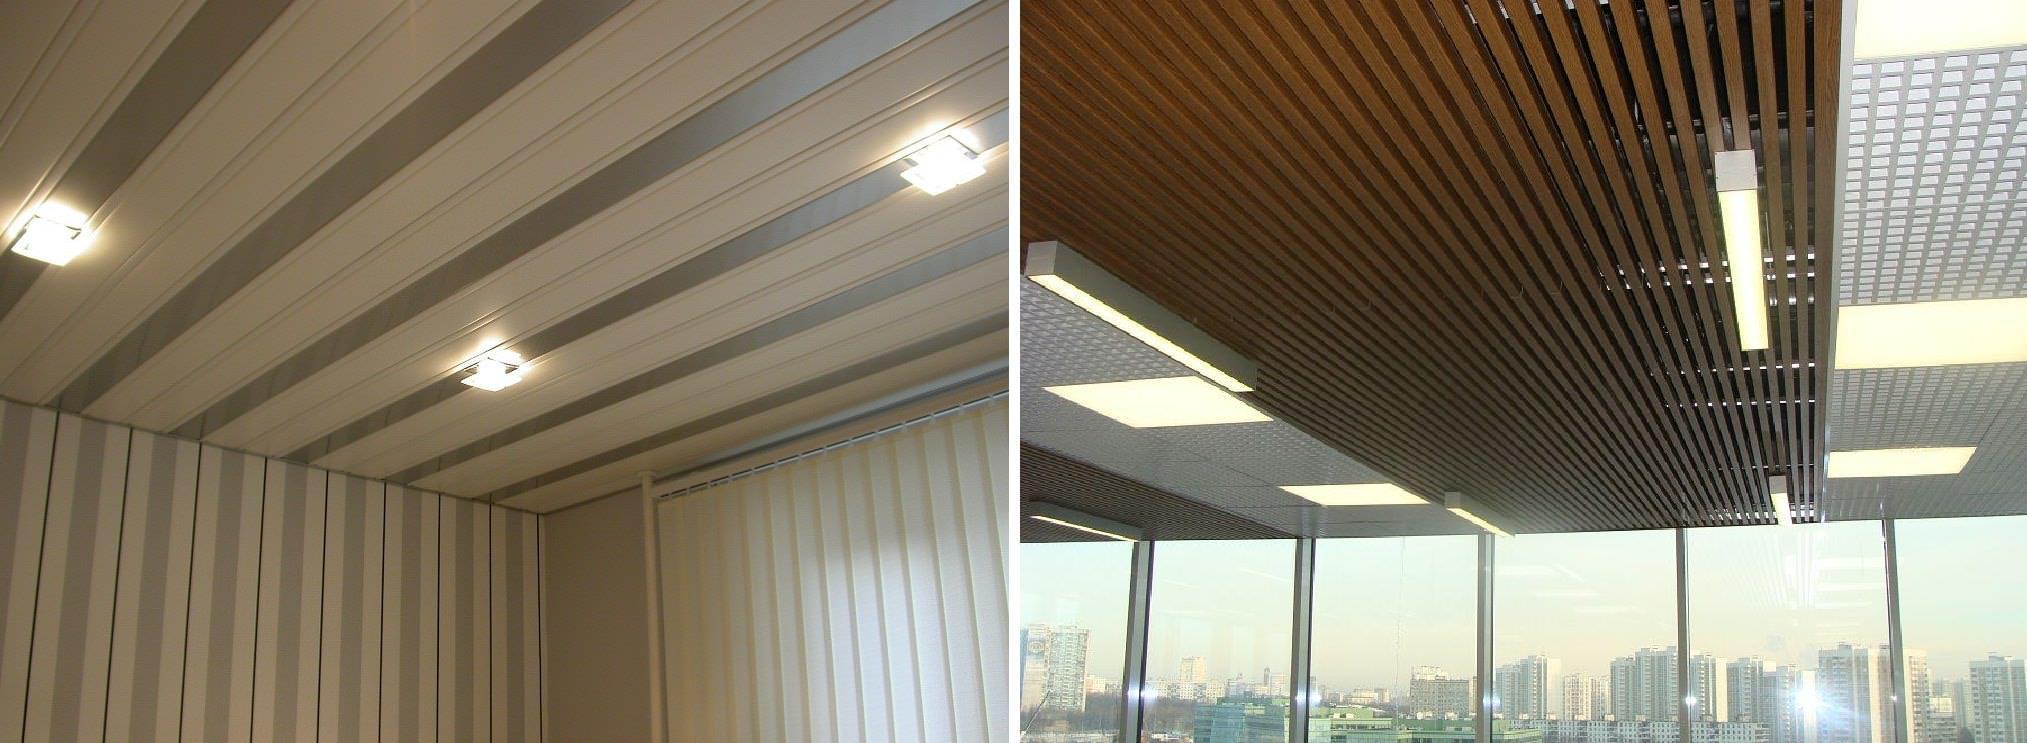 Реечные потолки отлично подойдут как для оформления жилых помещений, так и для офисов